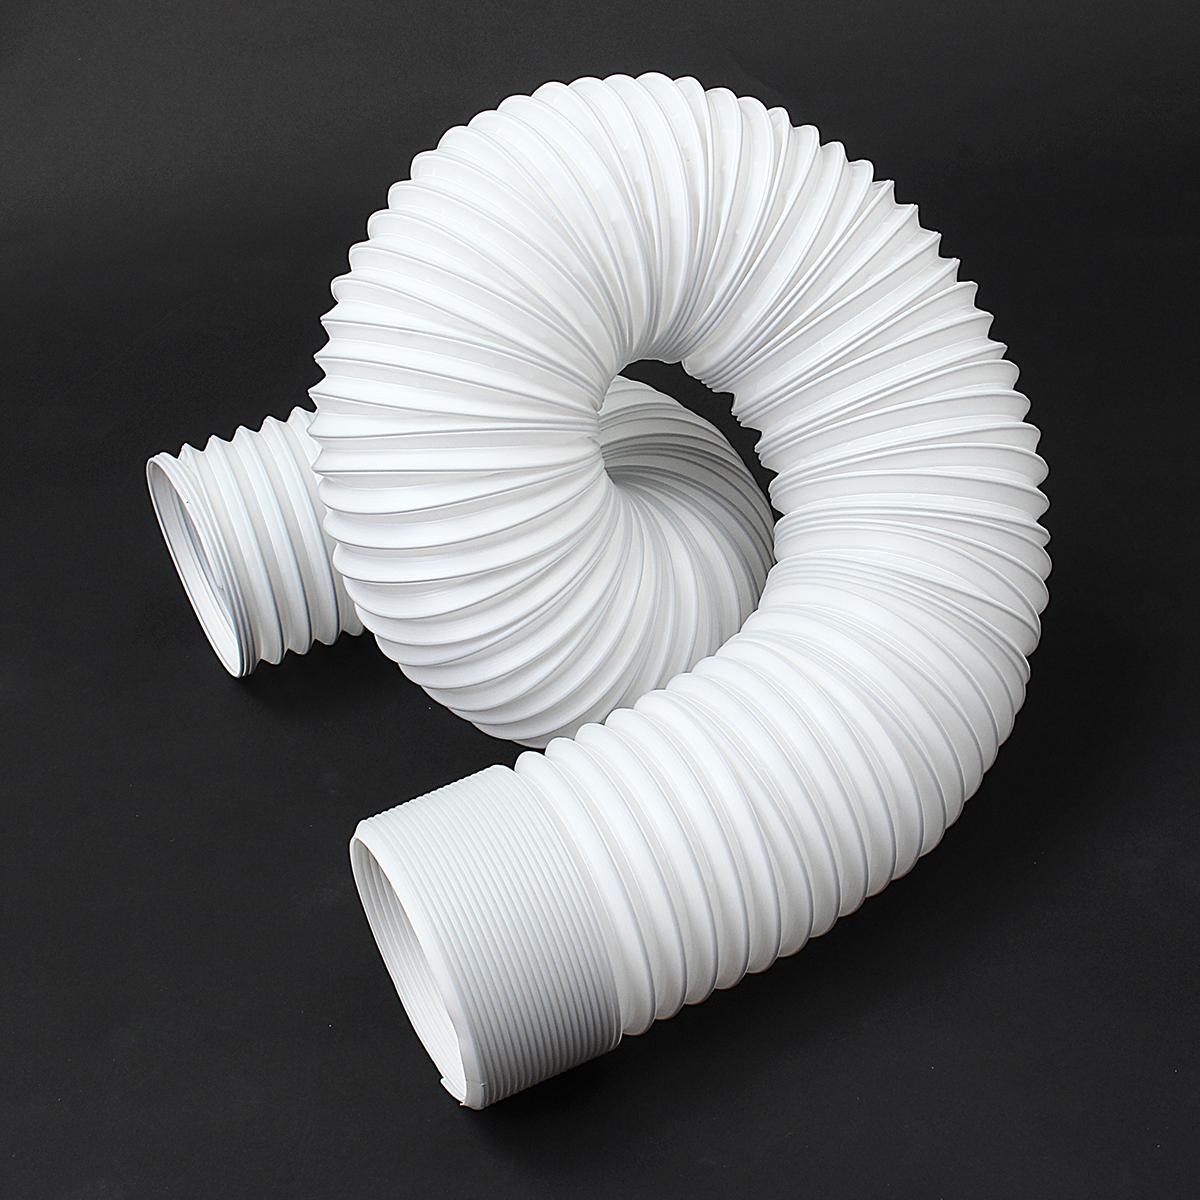 Гофра для вытяжки: выбор гофрированной трубы для вентиляции - точка j